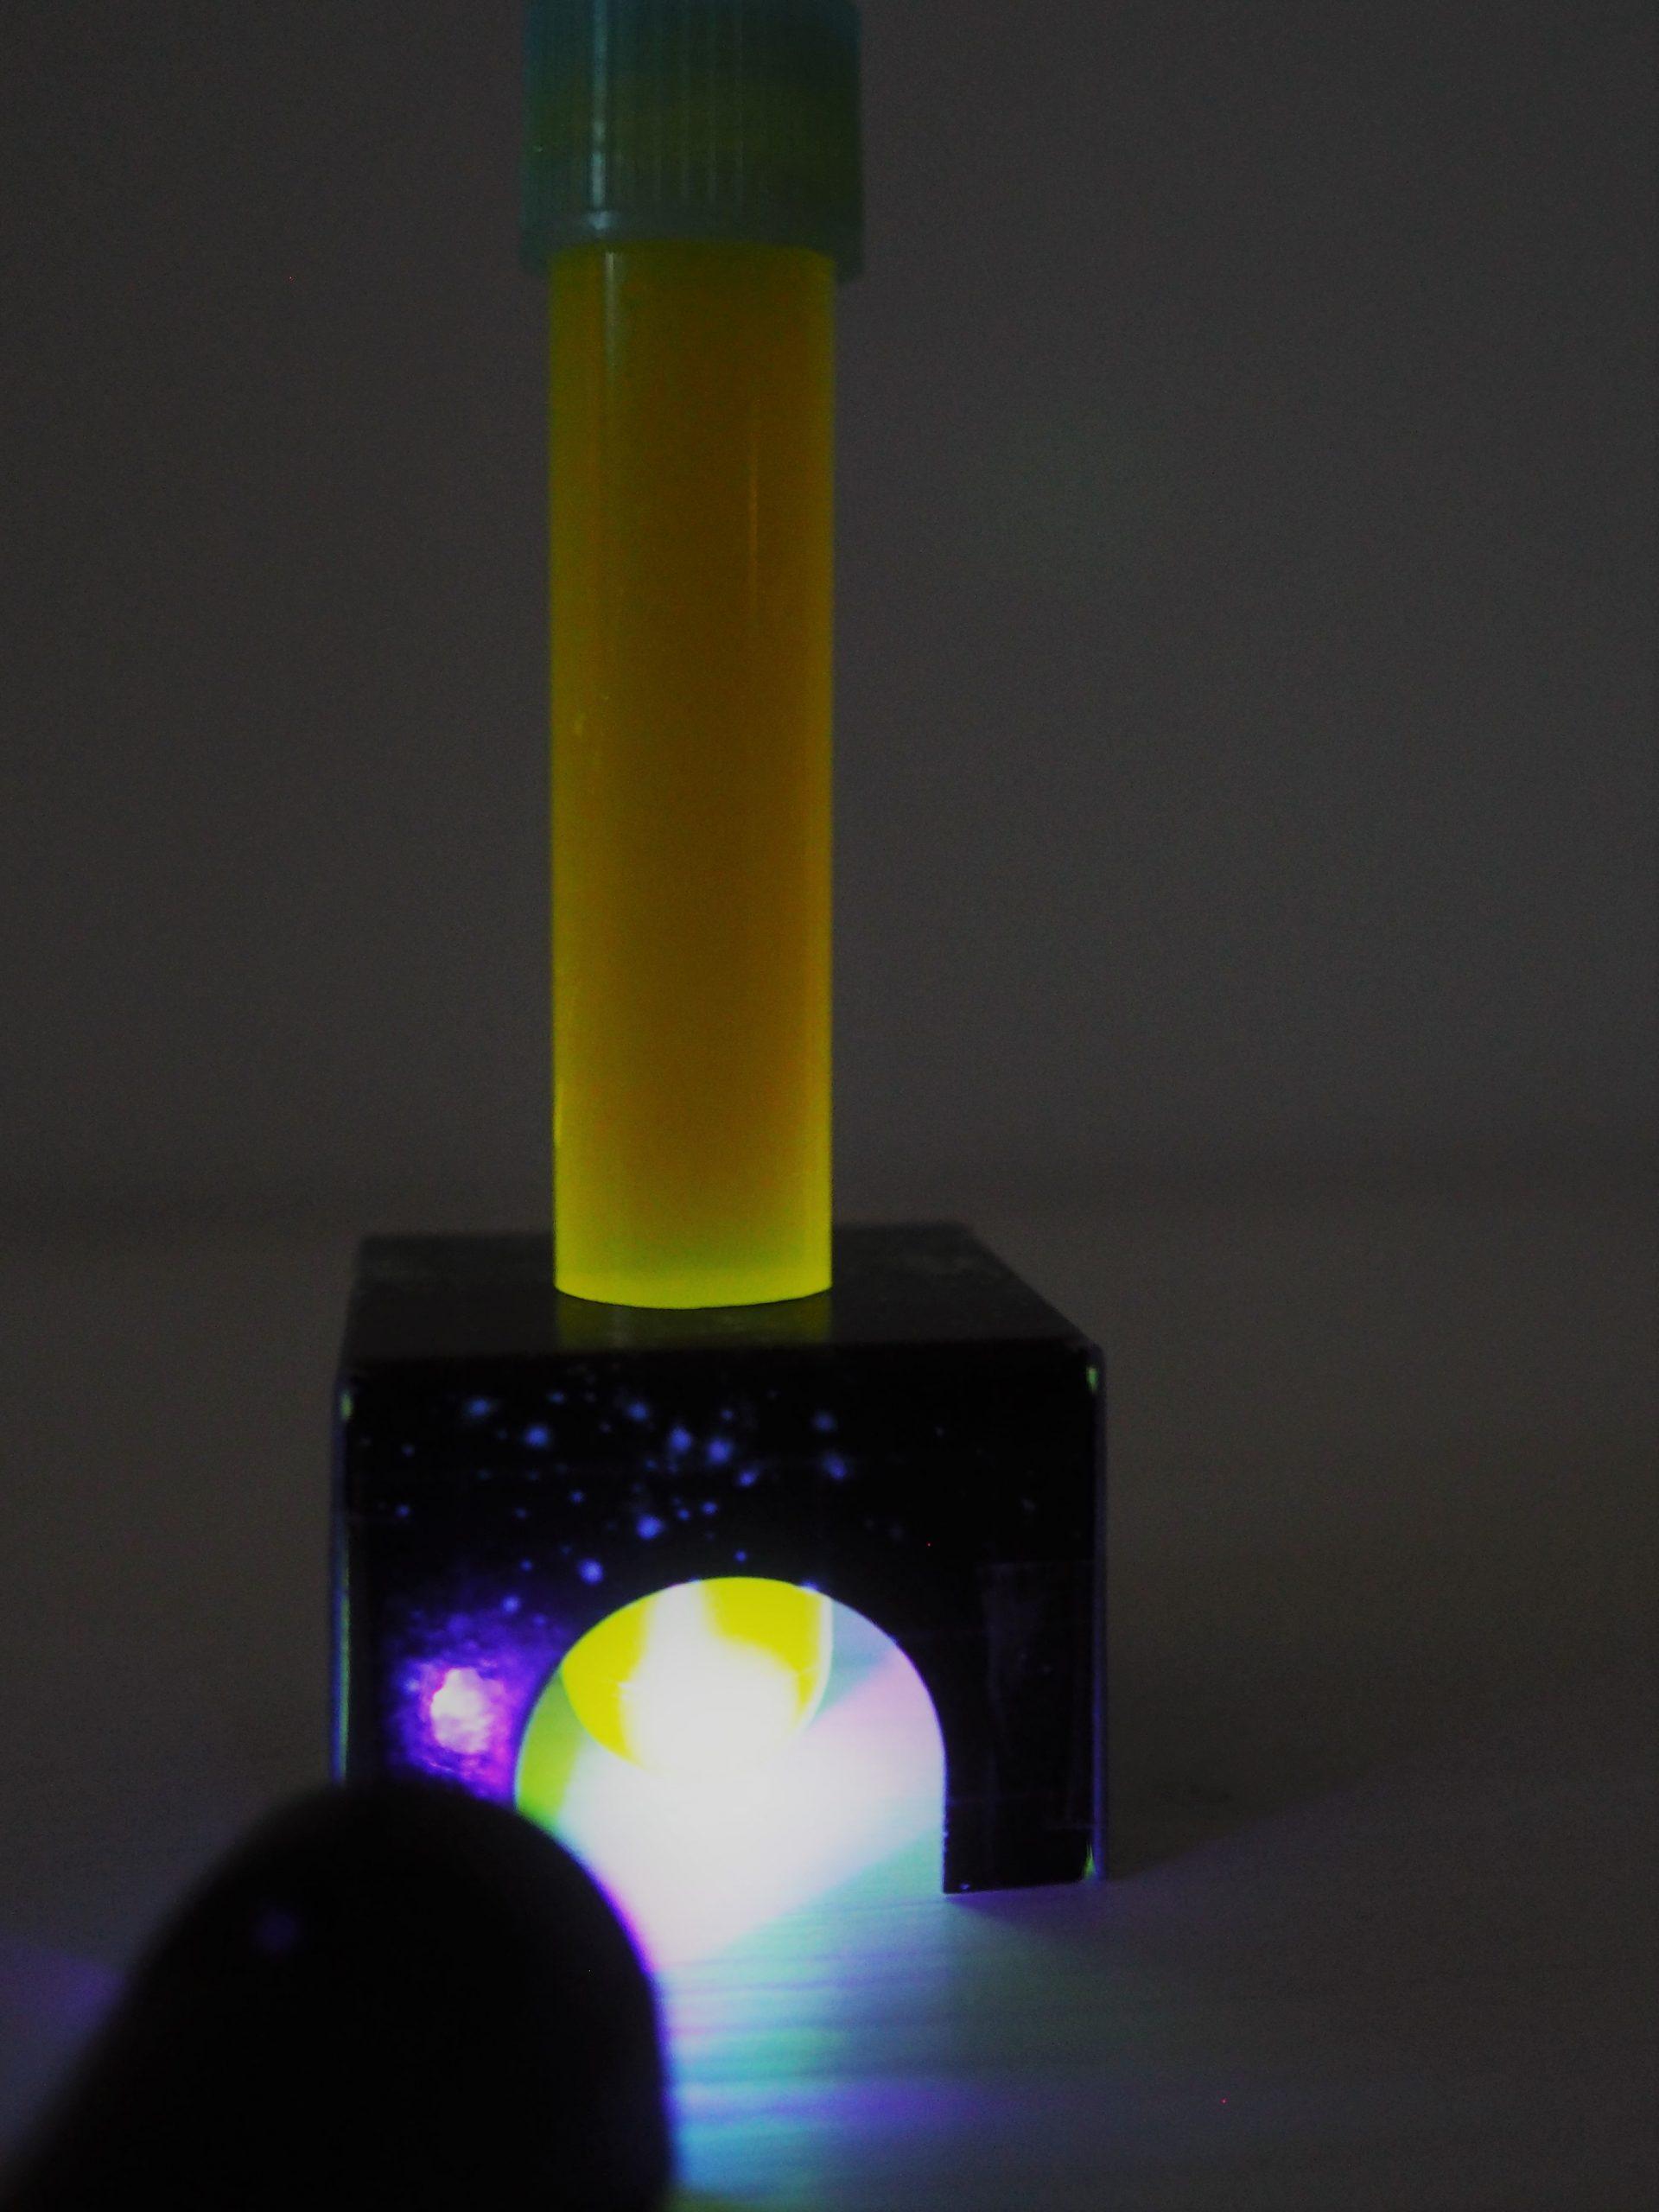 Neon-Leuchten gelb